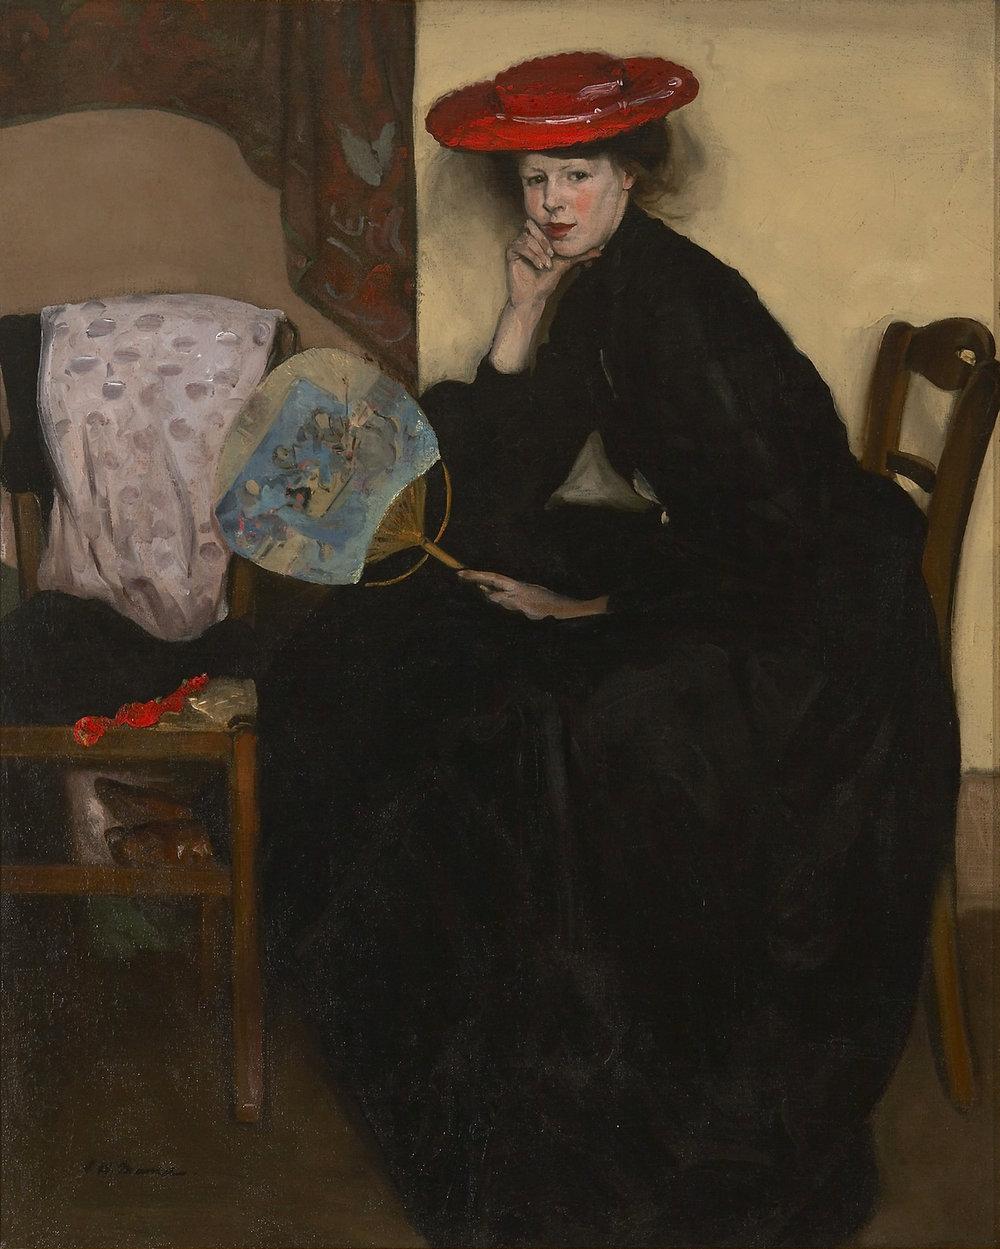 ALFRED MAURER (1868-1932)